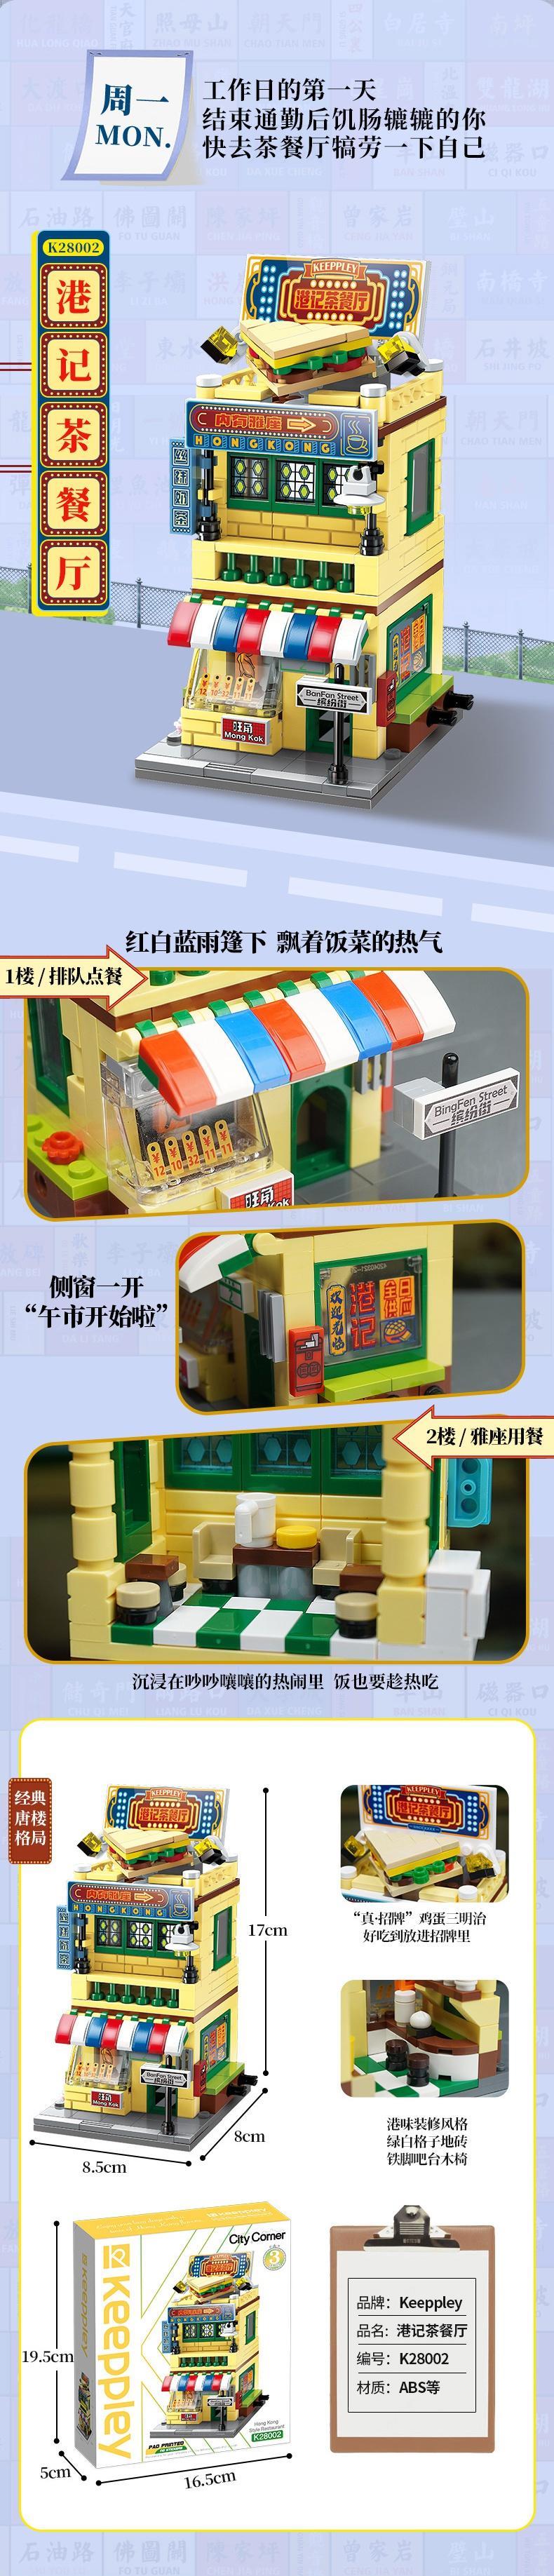 Keeppley K28002 Colorful Street Scene Series Hong Kong Tee Restaurant Building Blocks Toy Set